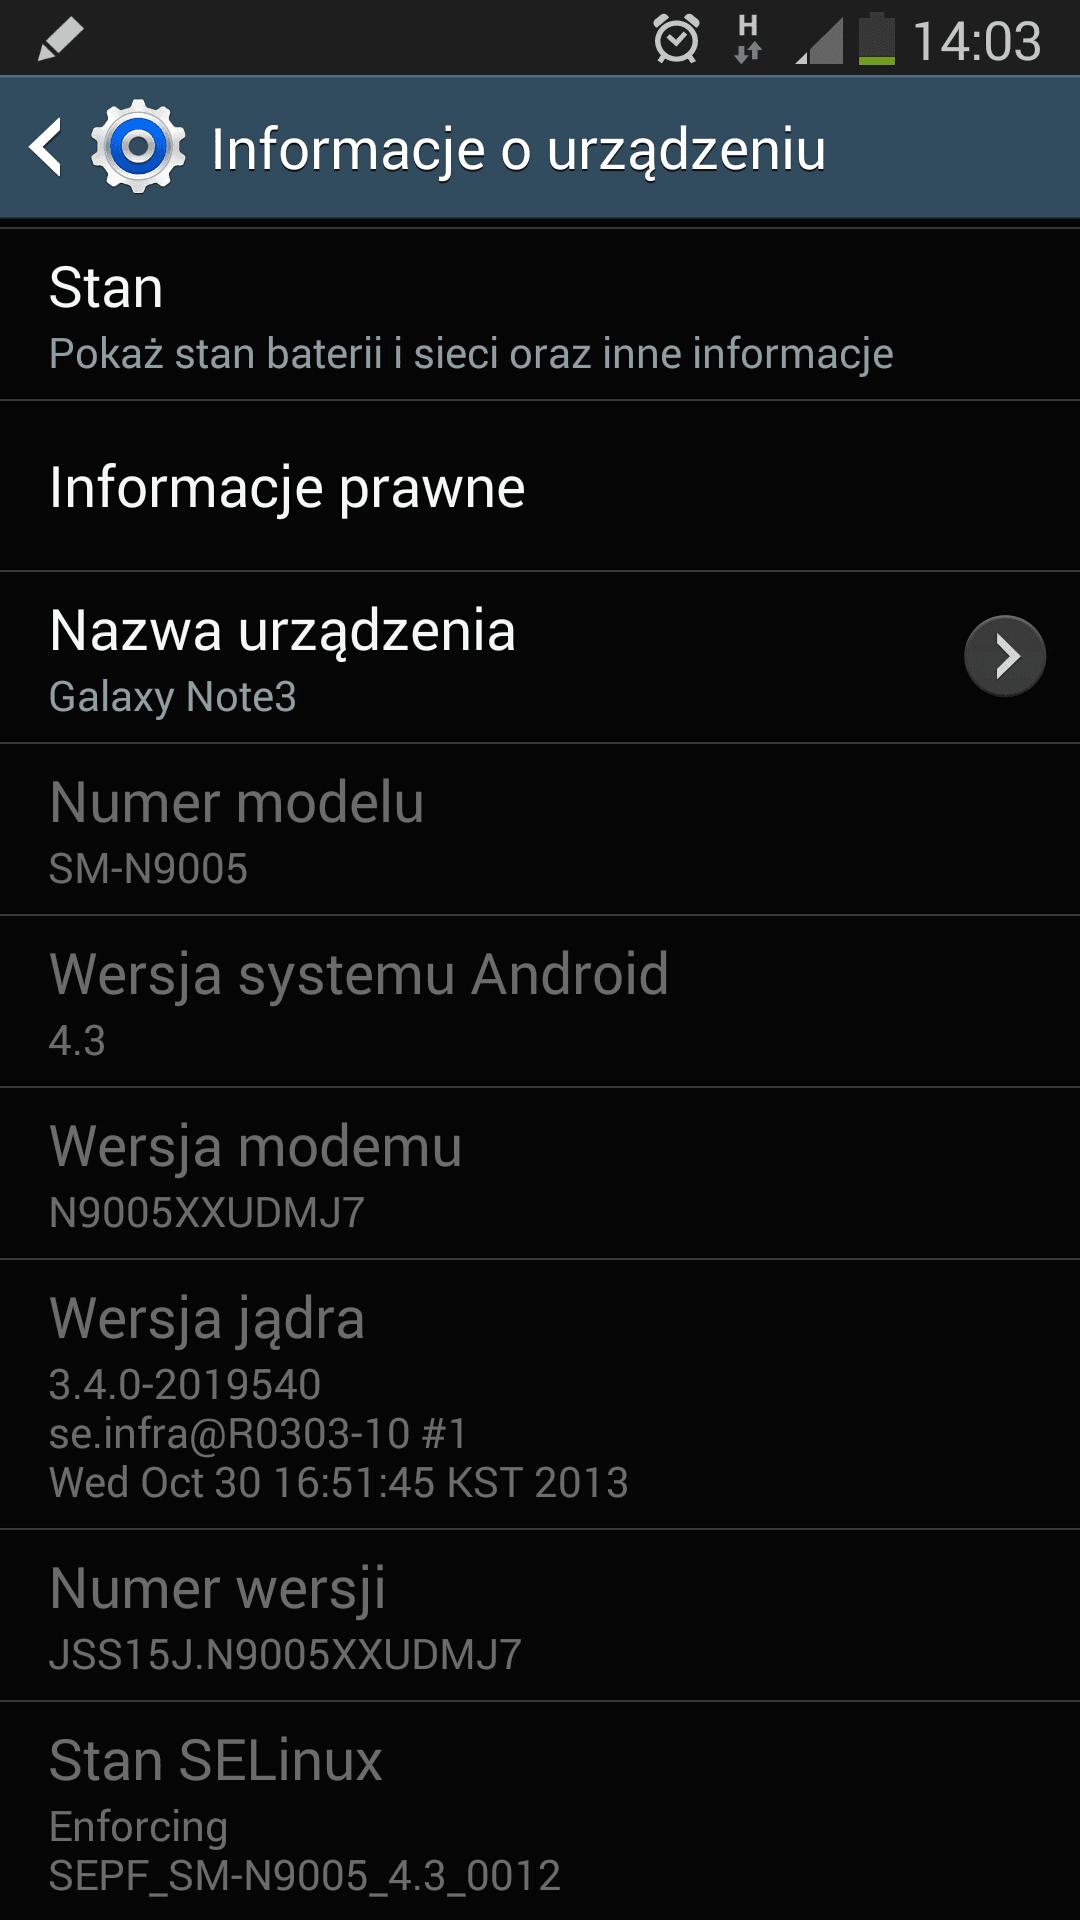 Samsung Galaxy Note 3 z aktualizacją oprogramowania (N9005XXUDMJ7)